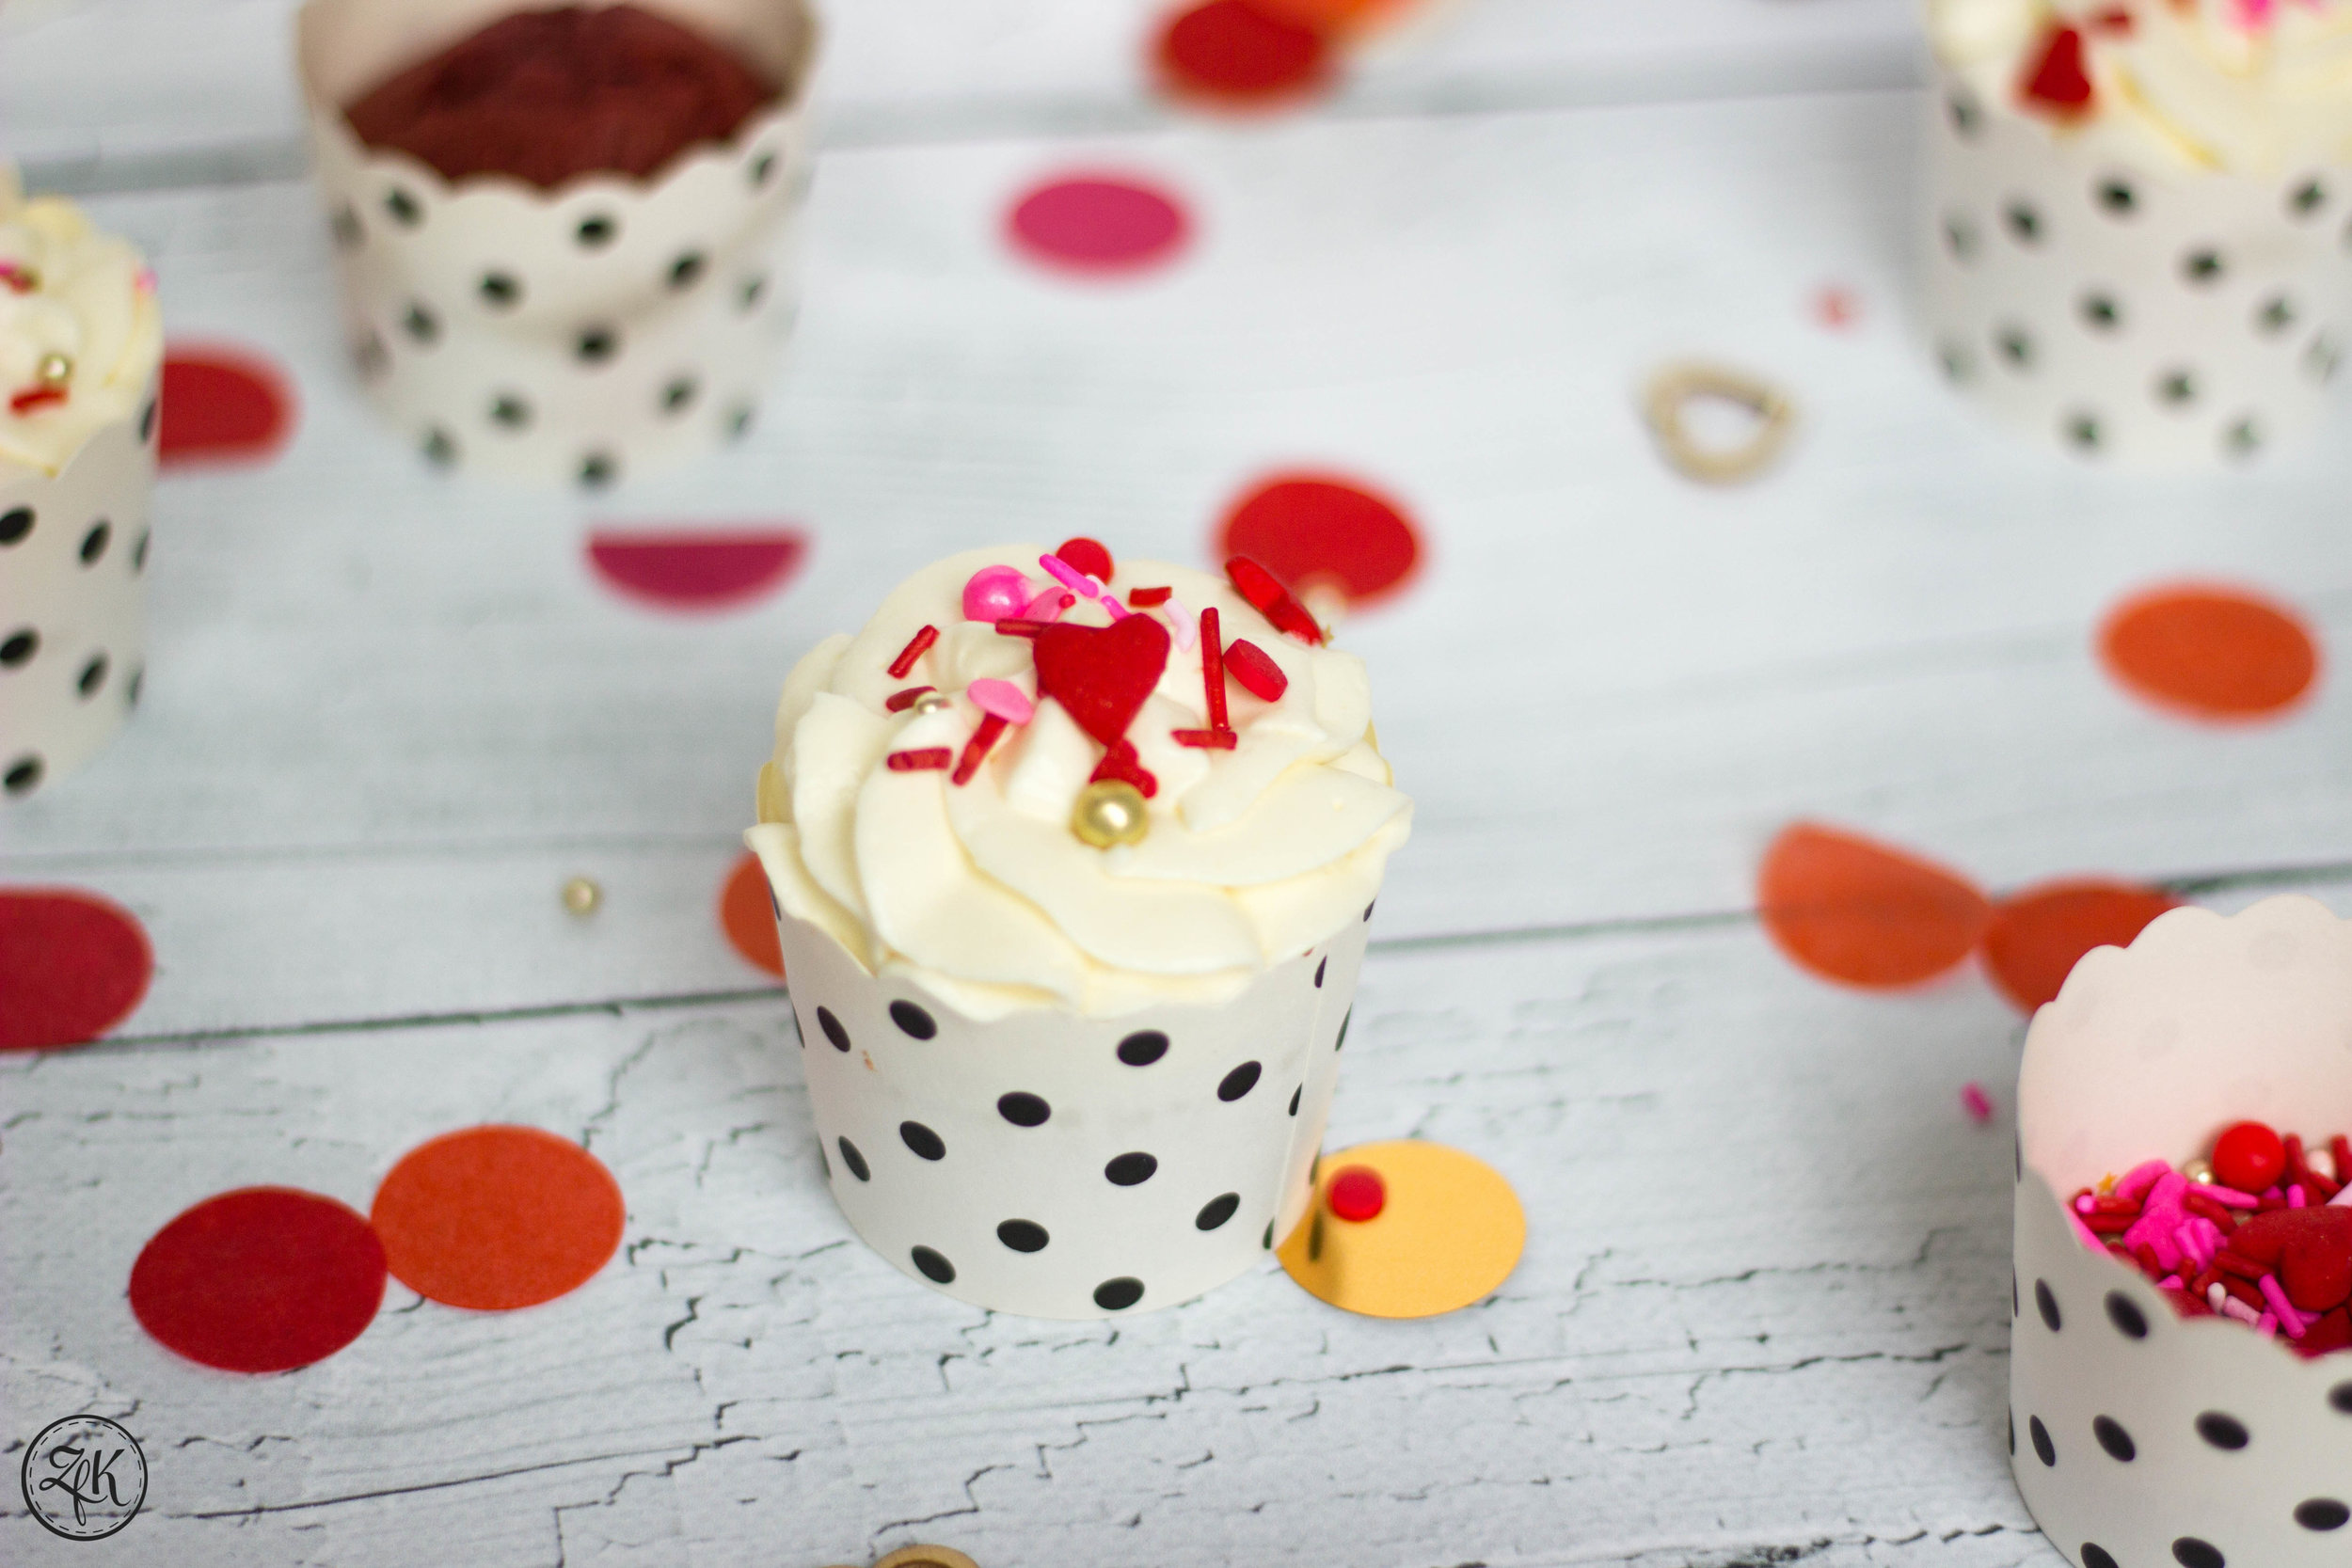 ZfK_Red_Velvet_Cupcake_03